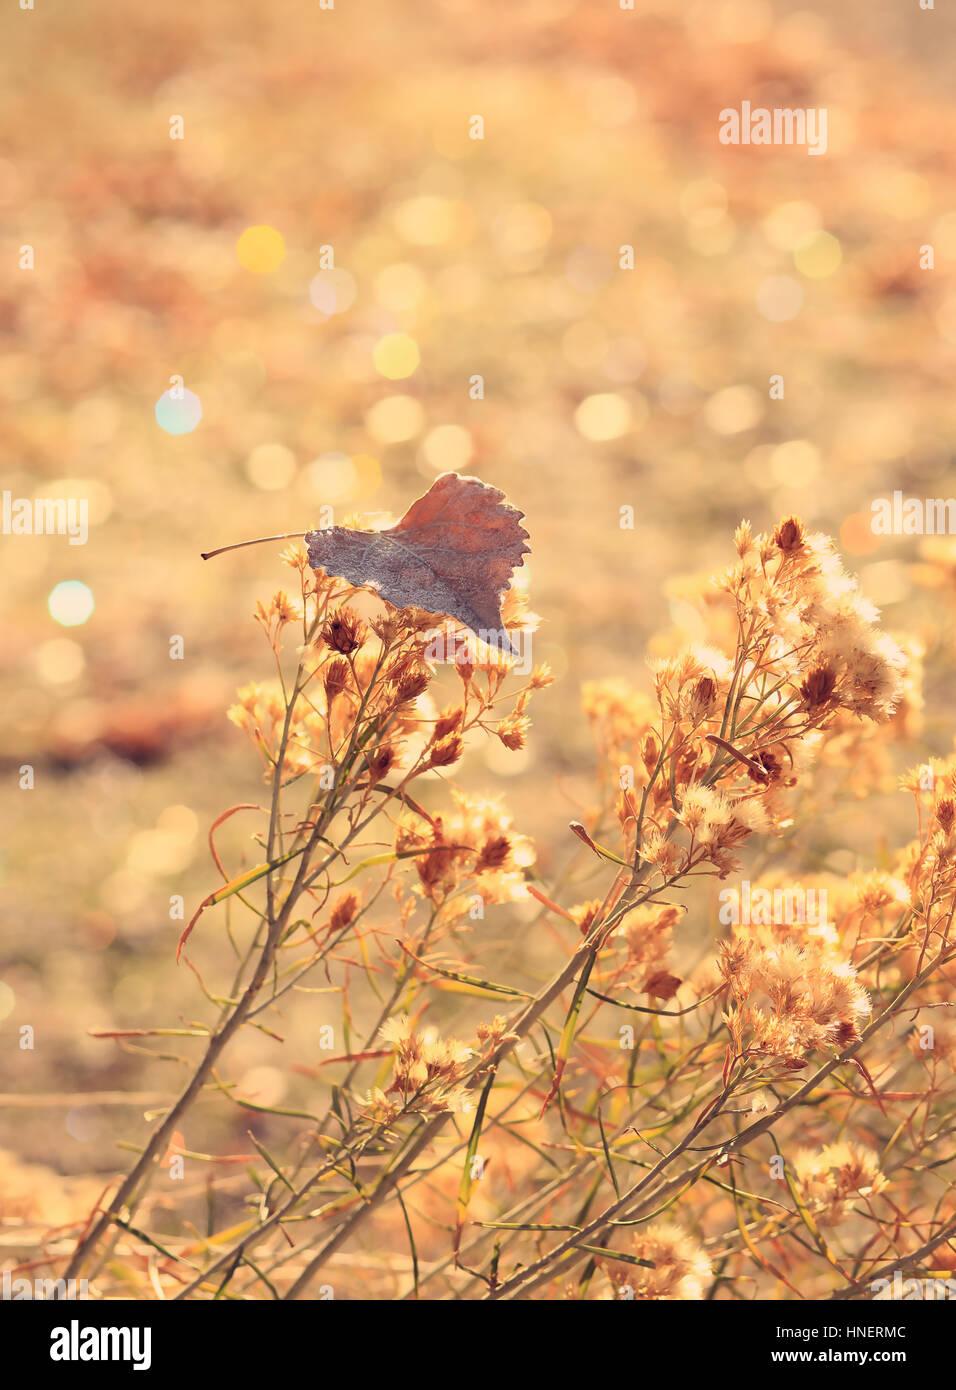 Un singolo, frost-refilato golden leaf poggia su fiori secchi contro un oro scintillanti sullo sfondo. È autunnale Immagini Stock